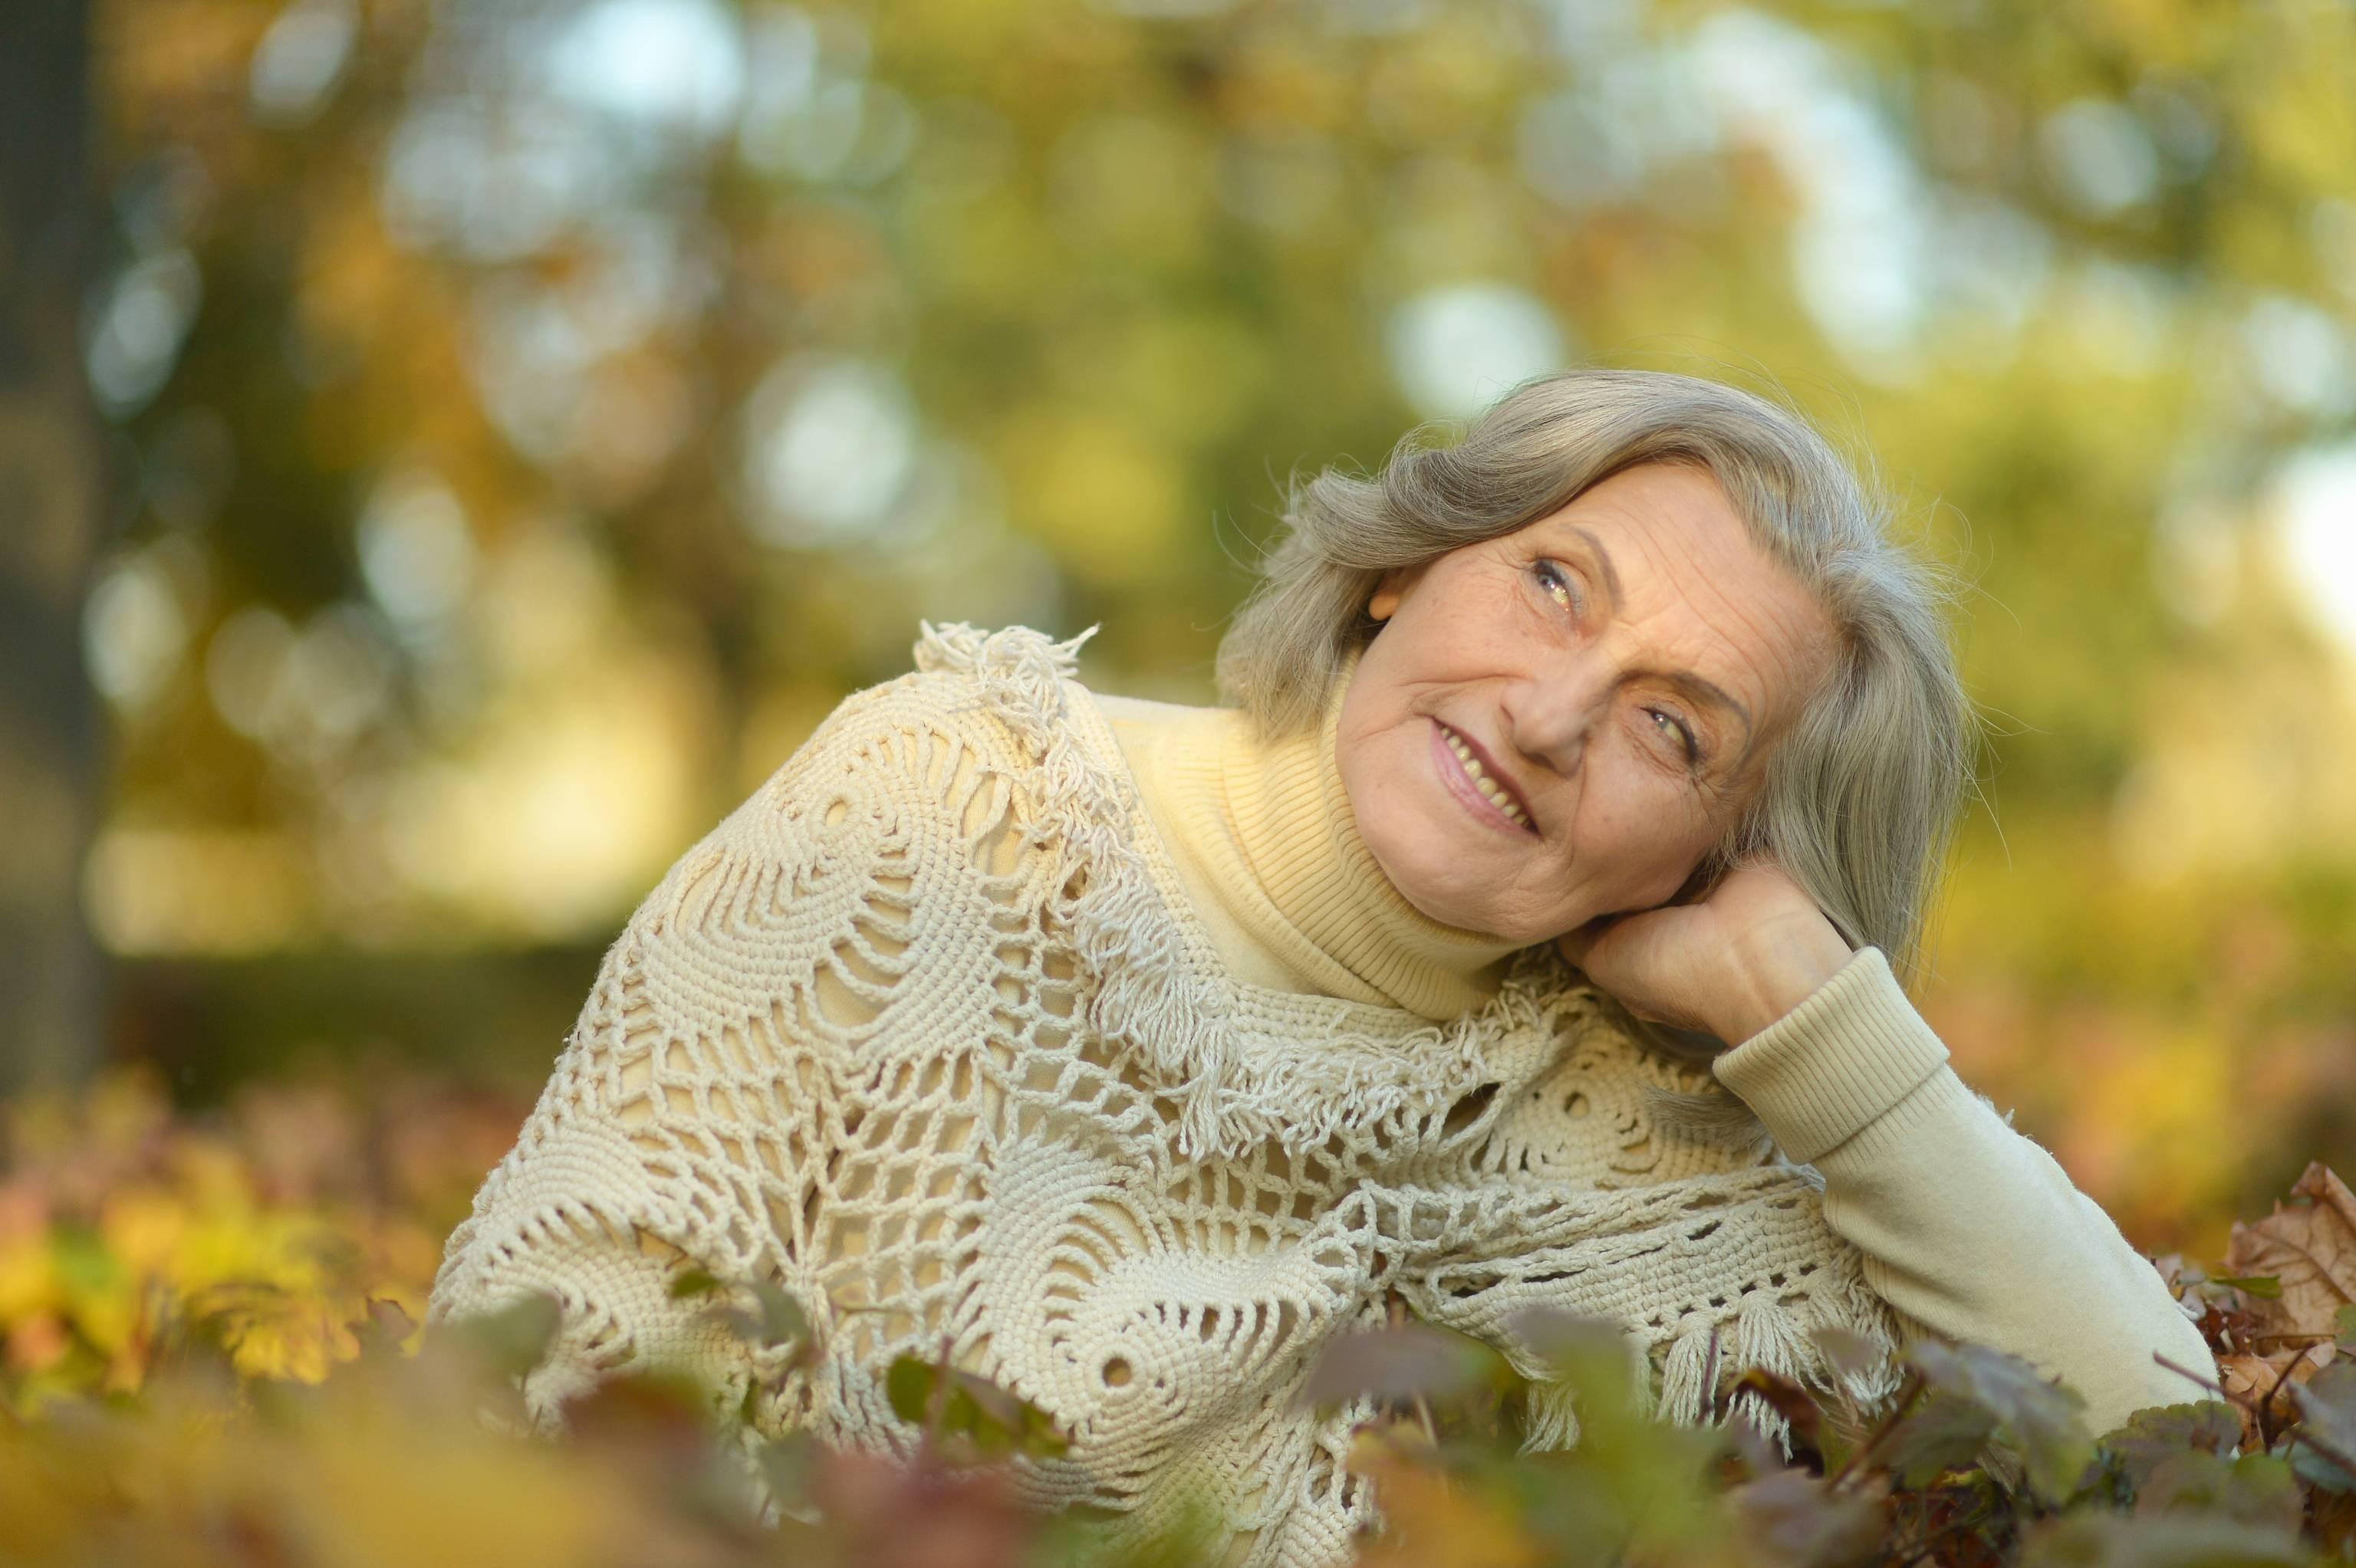 Healthy aging leading to joyful post-retirement life